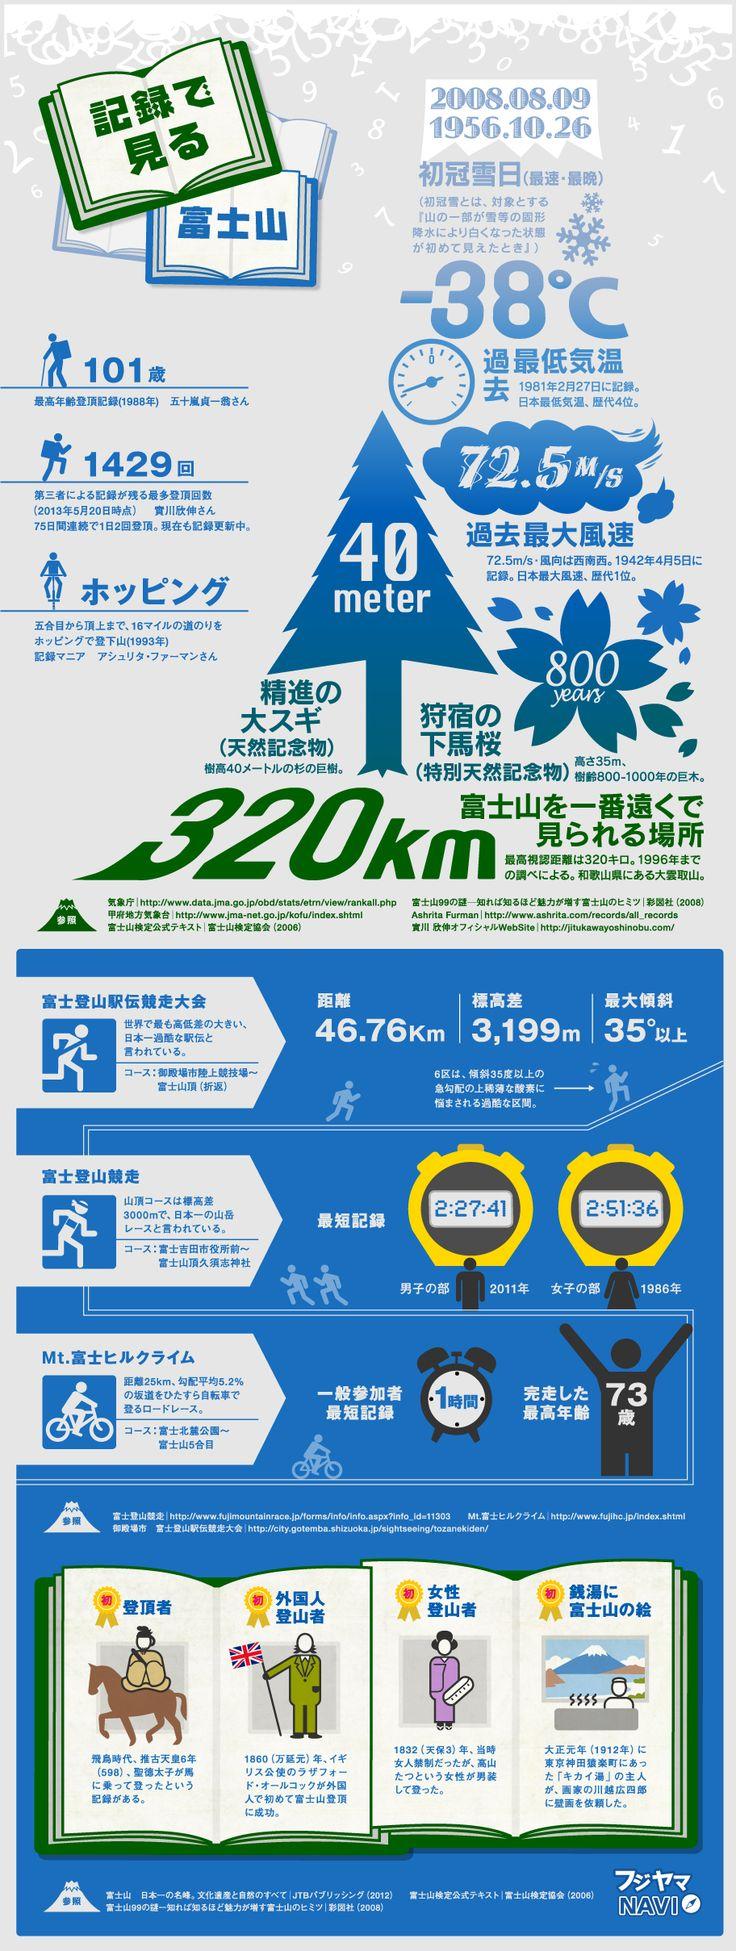 図解 1分でわかる富士山 - インフォグラフィック | 富士山エリアの総合ガイド - フジヤマNAVI